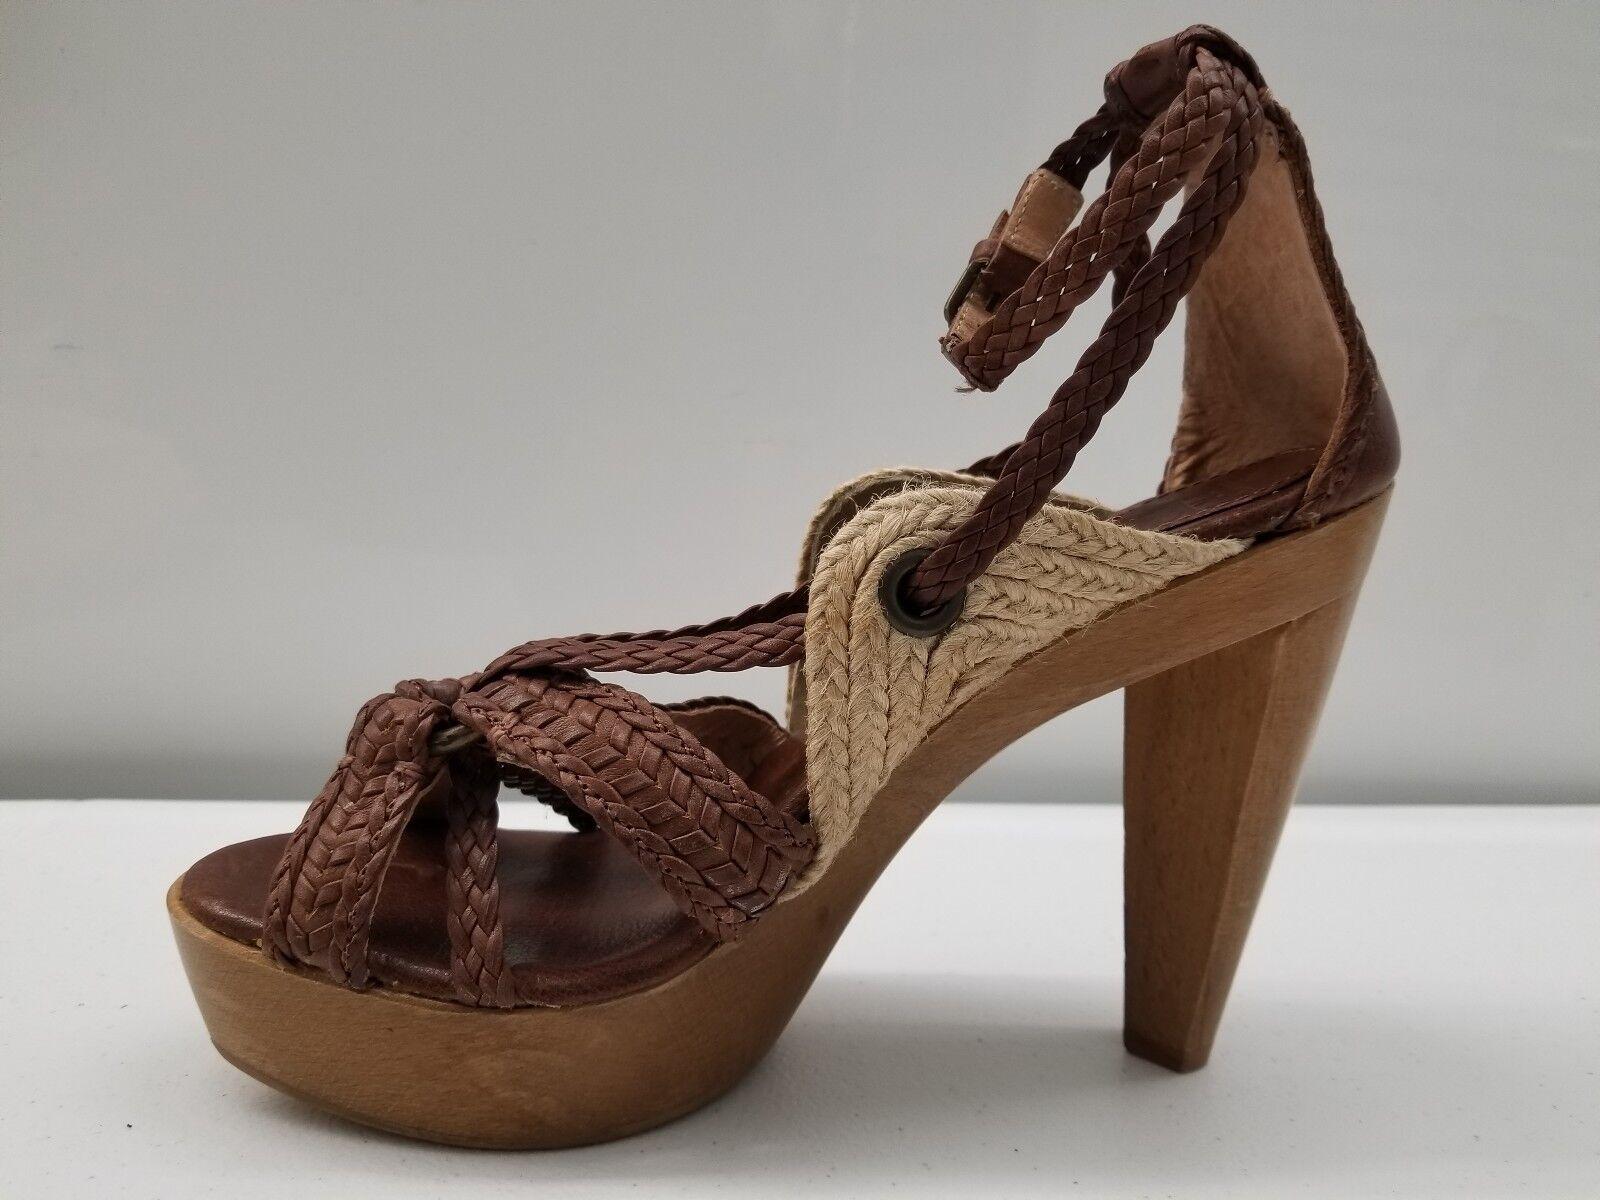 FRYE Huarache Slingback Floor Leder Braided Strap Heels Größe 8B Floor Slingback Model d40d4b